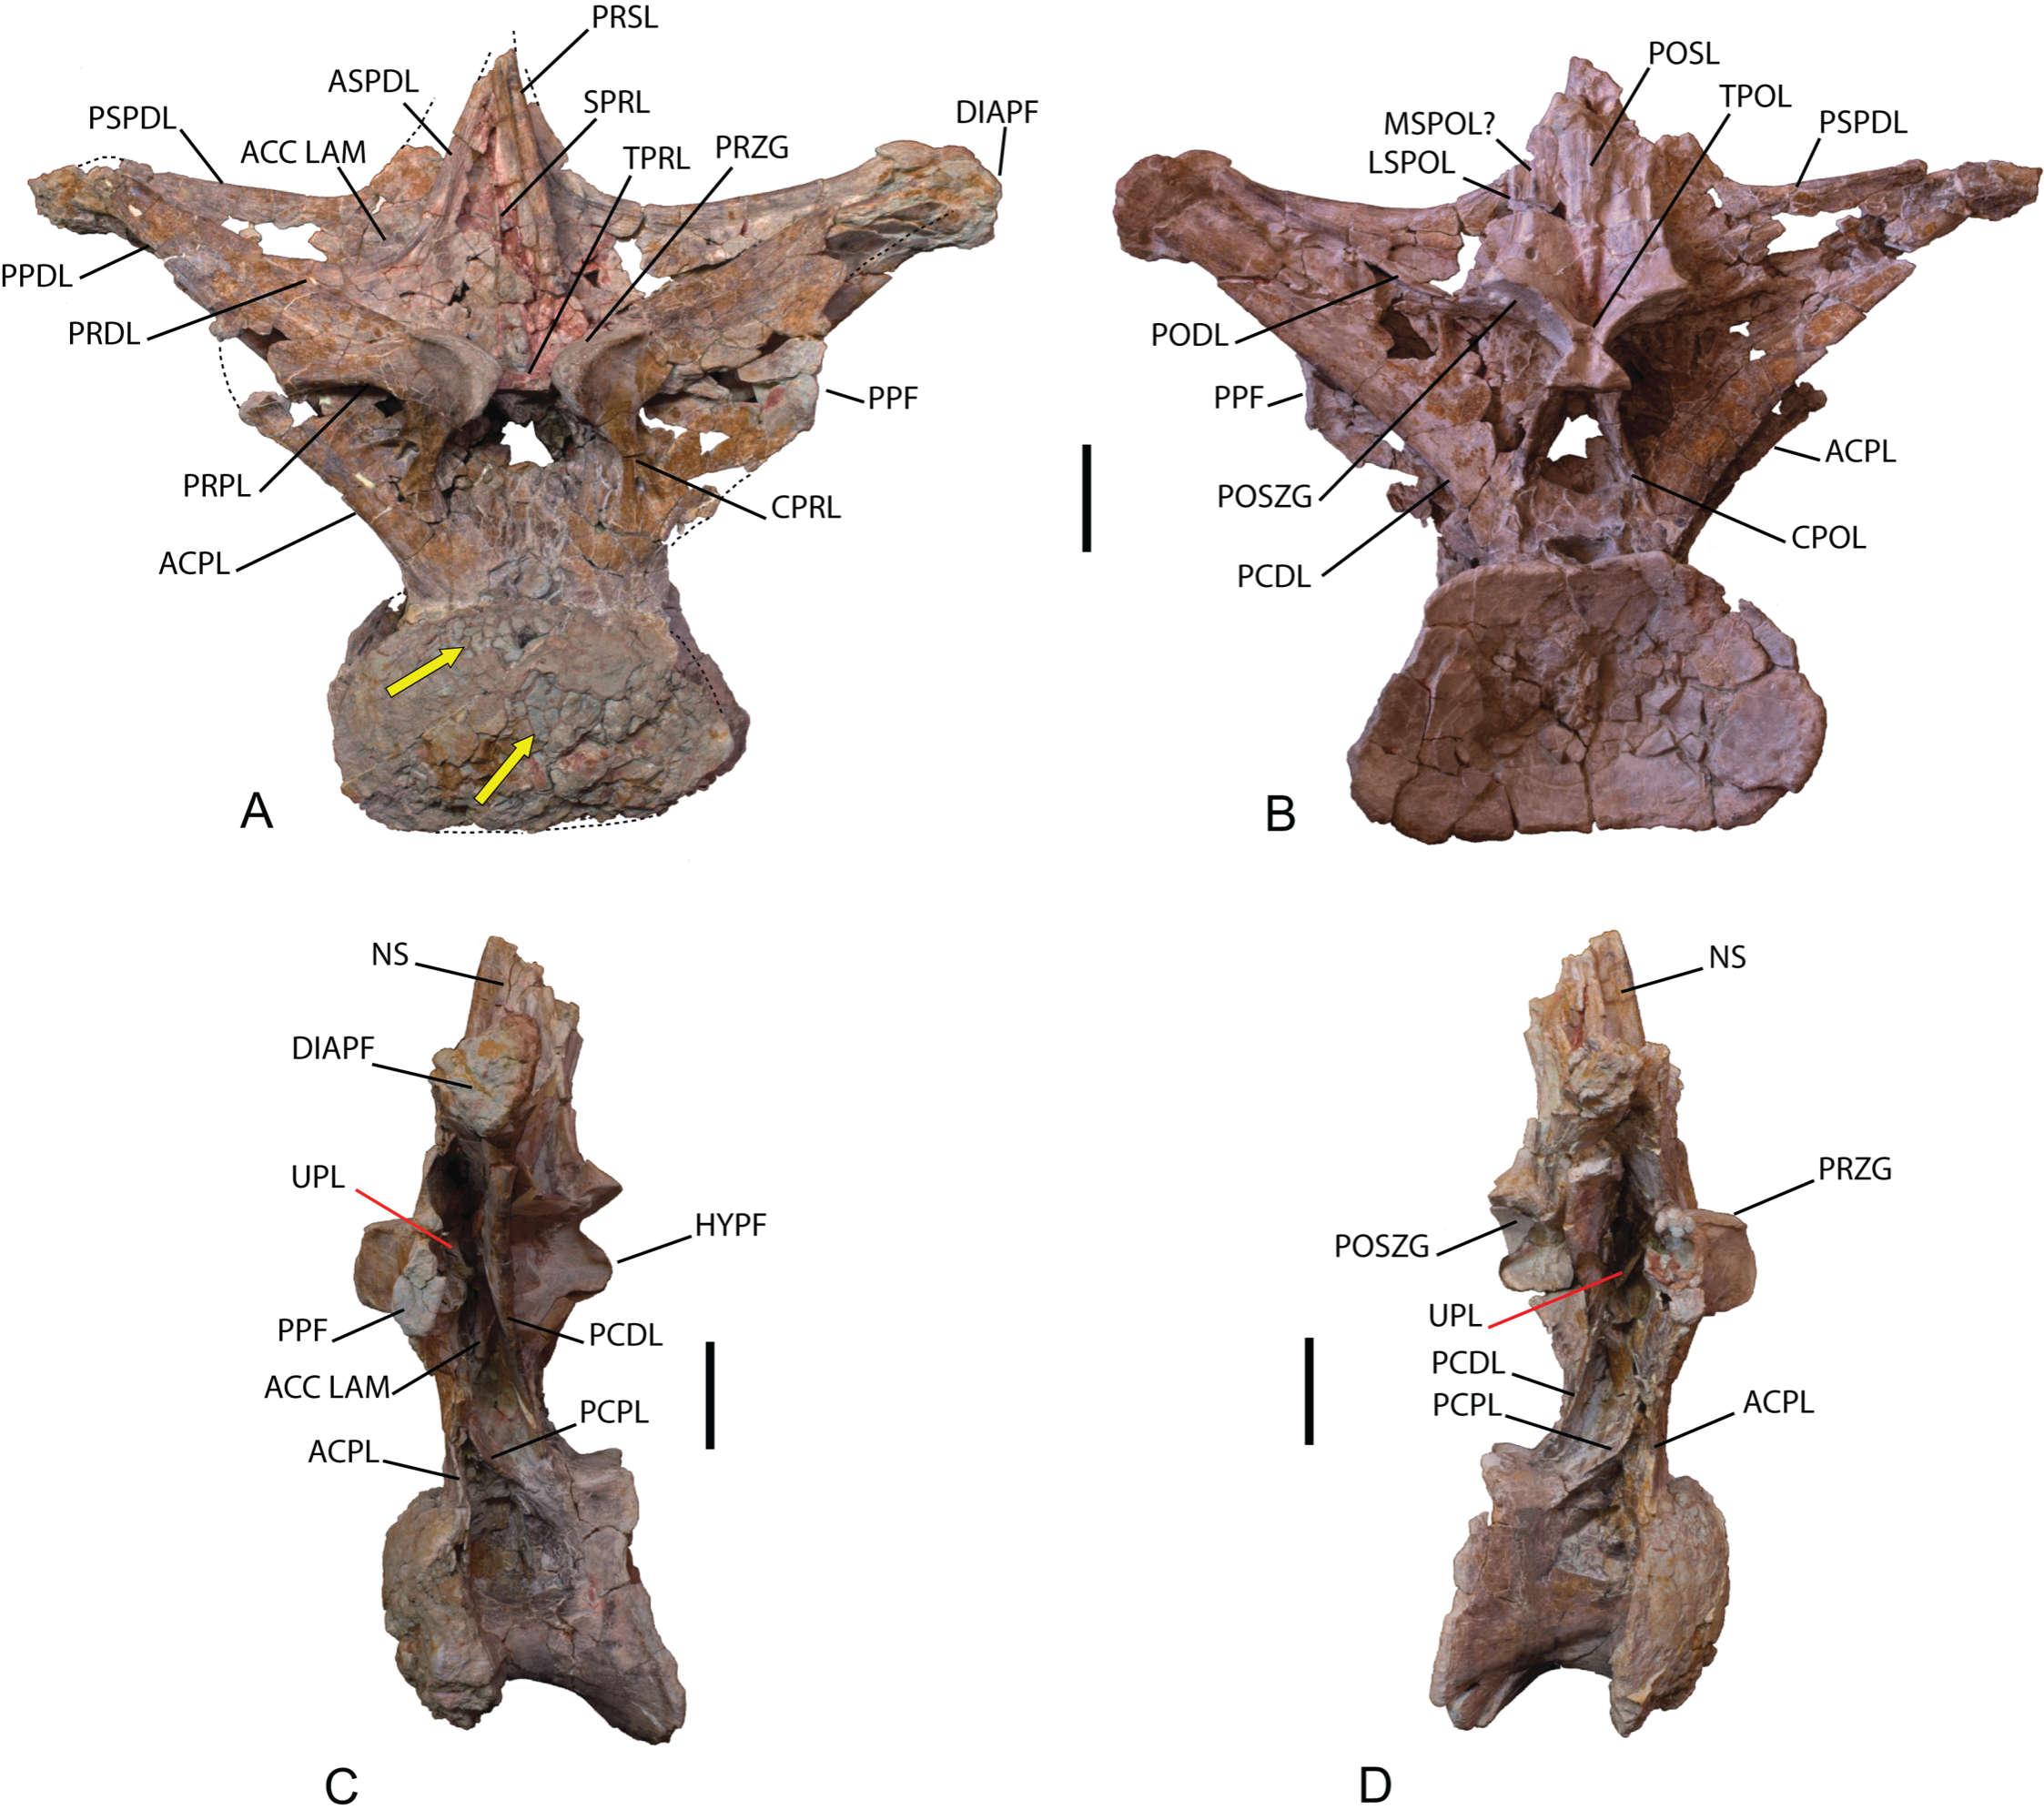 Europatitan eastwoodi - Beschreibung, Dinodata.de